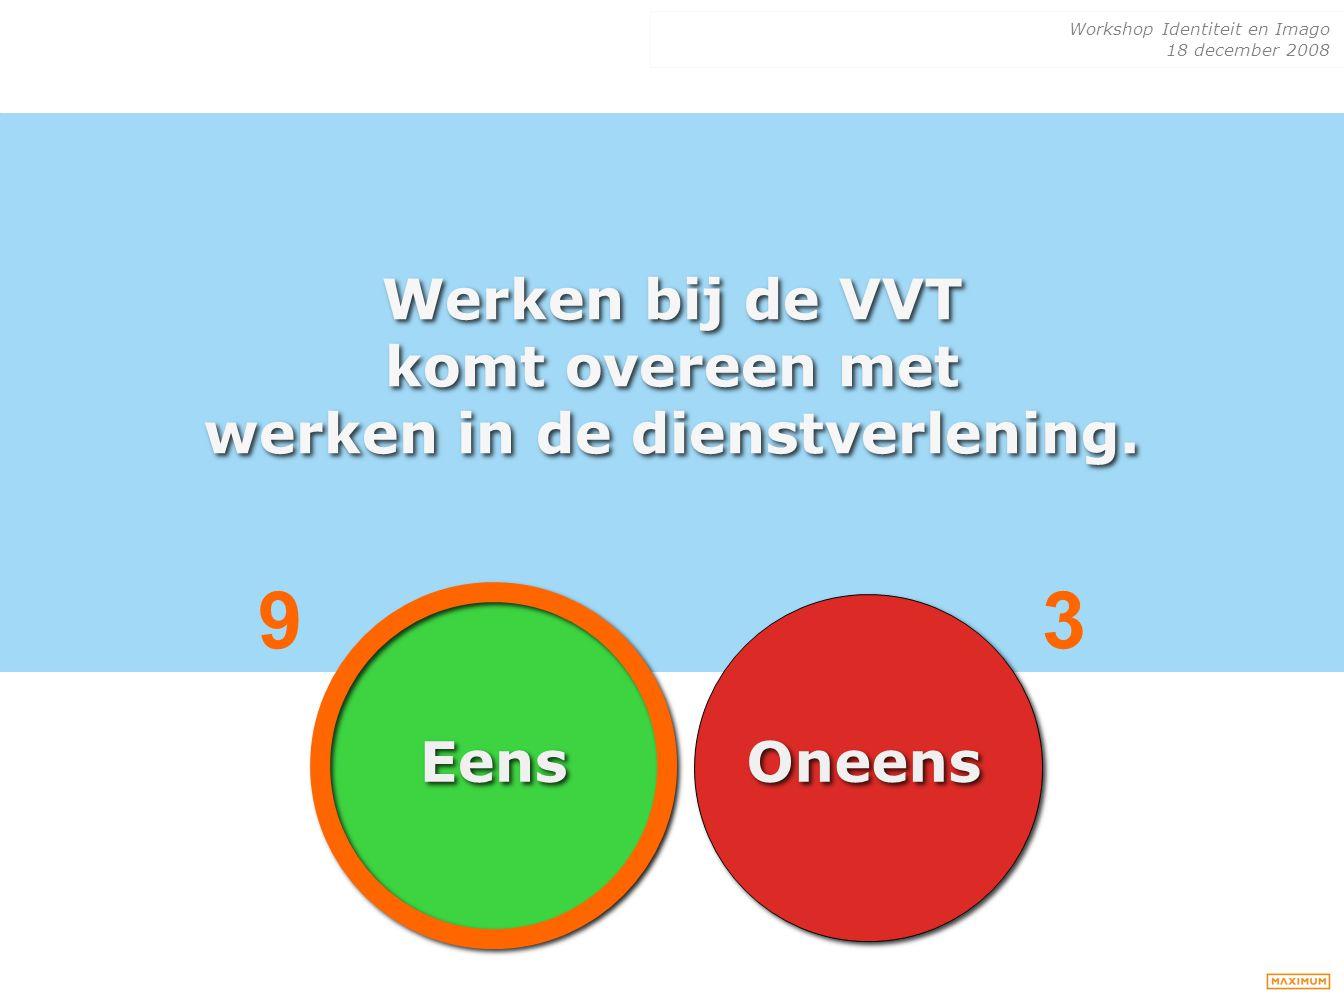 Werken bij de VVT komt overeen met werken in de dienstverlening.